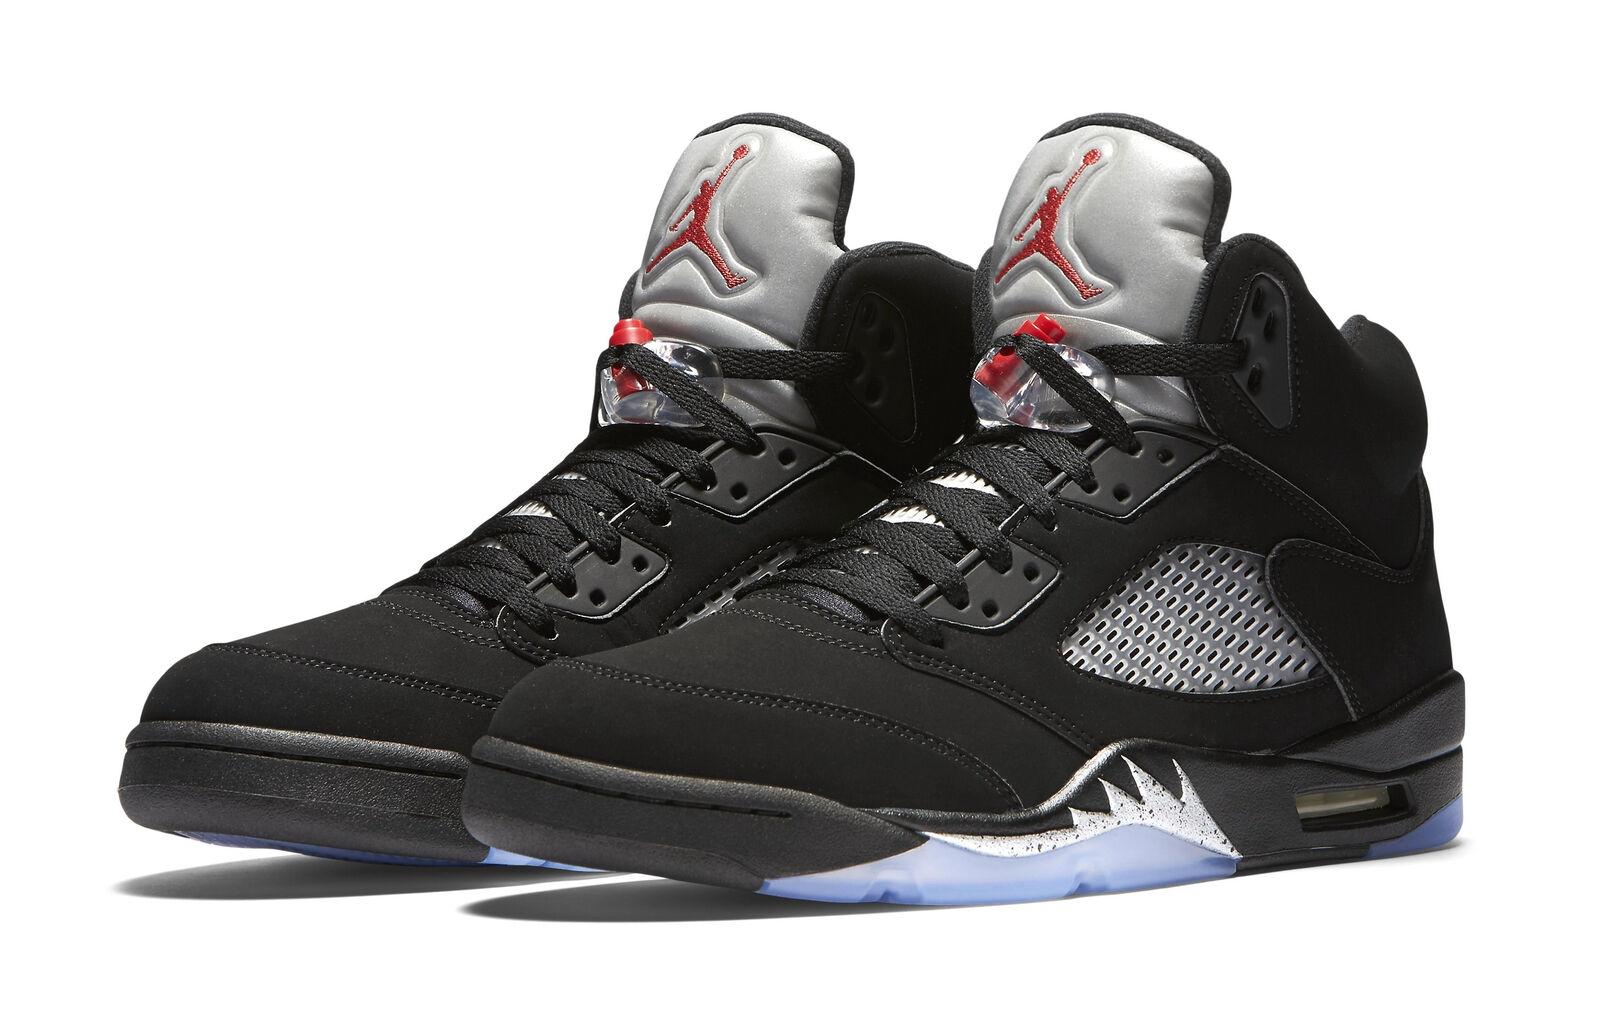 brand new 6af37 5af24 Nike Air Jordan Retro V Men s Shoes, Size 7 US, Black   Metallic ...